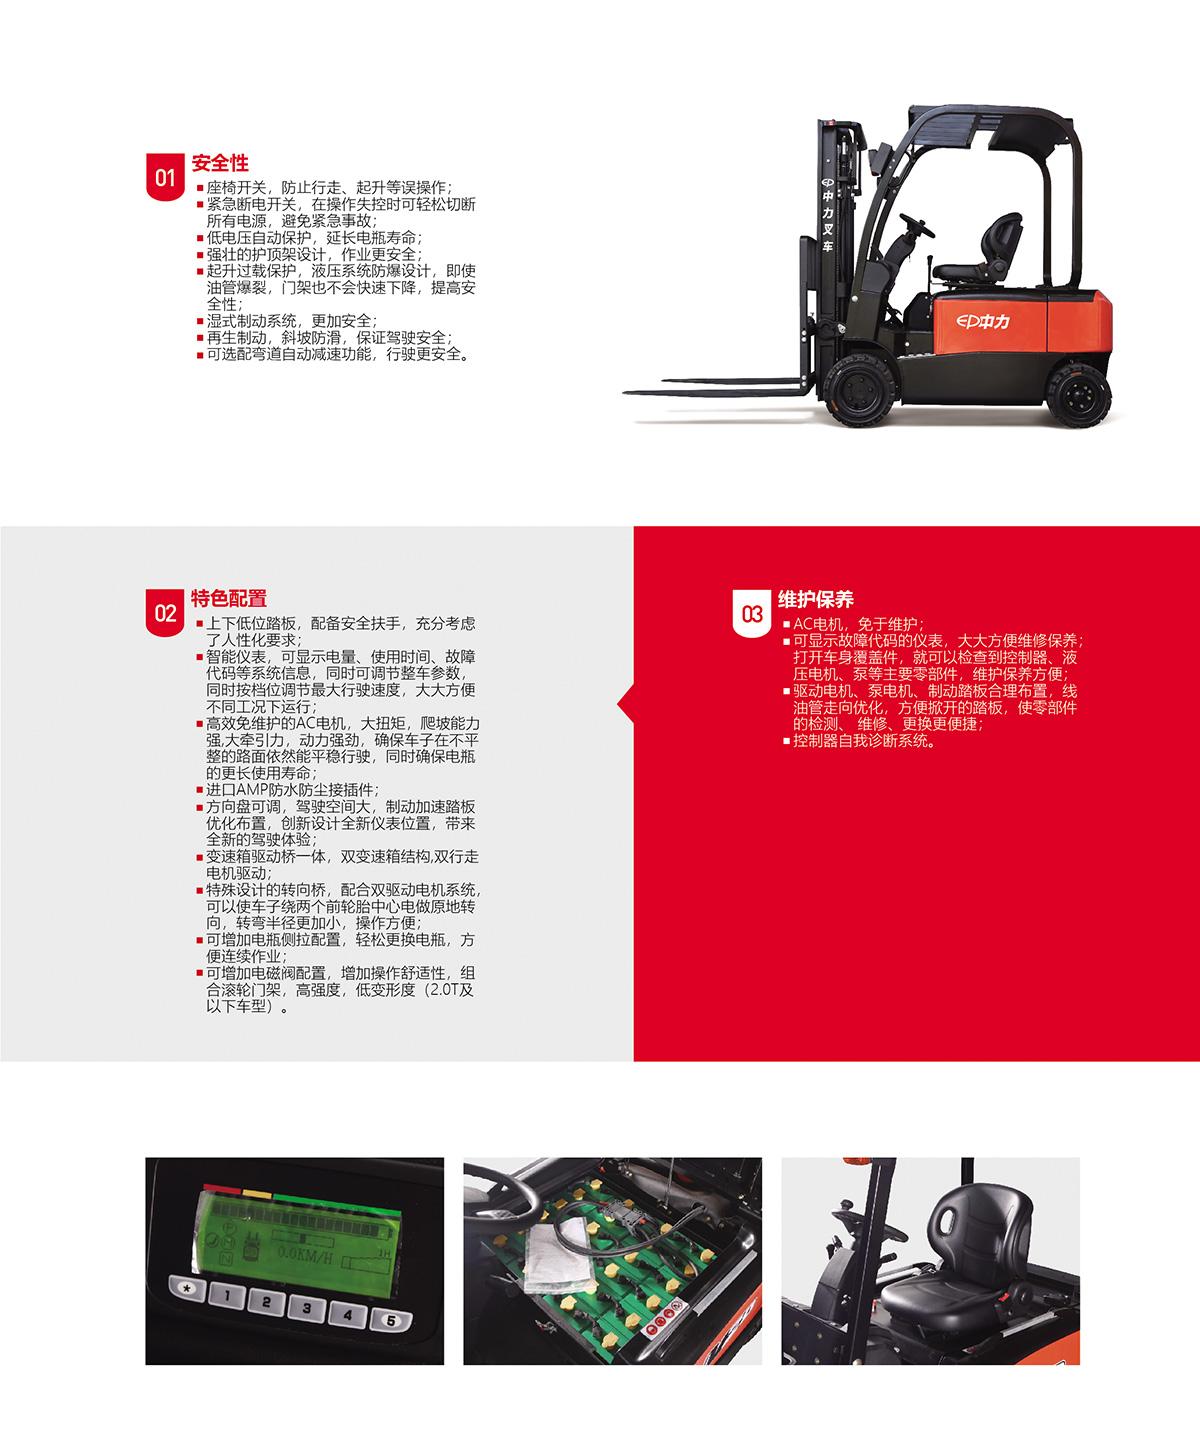 中力 1.8/2.0吨电动平衡重叉车 CPD18/20FVD8